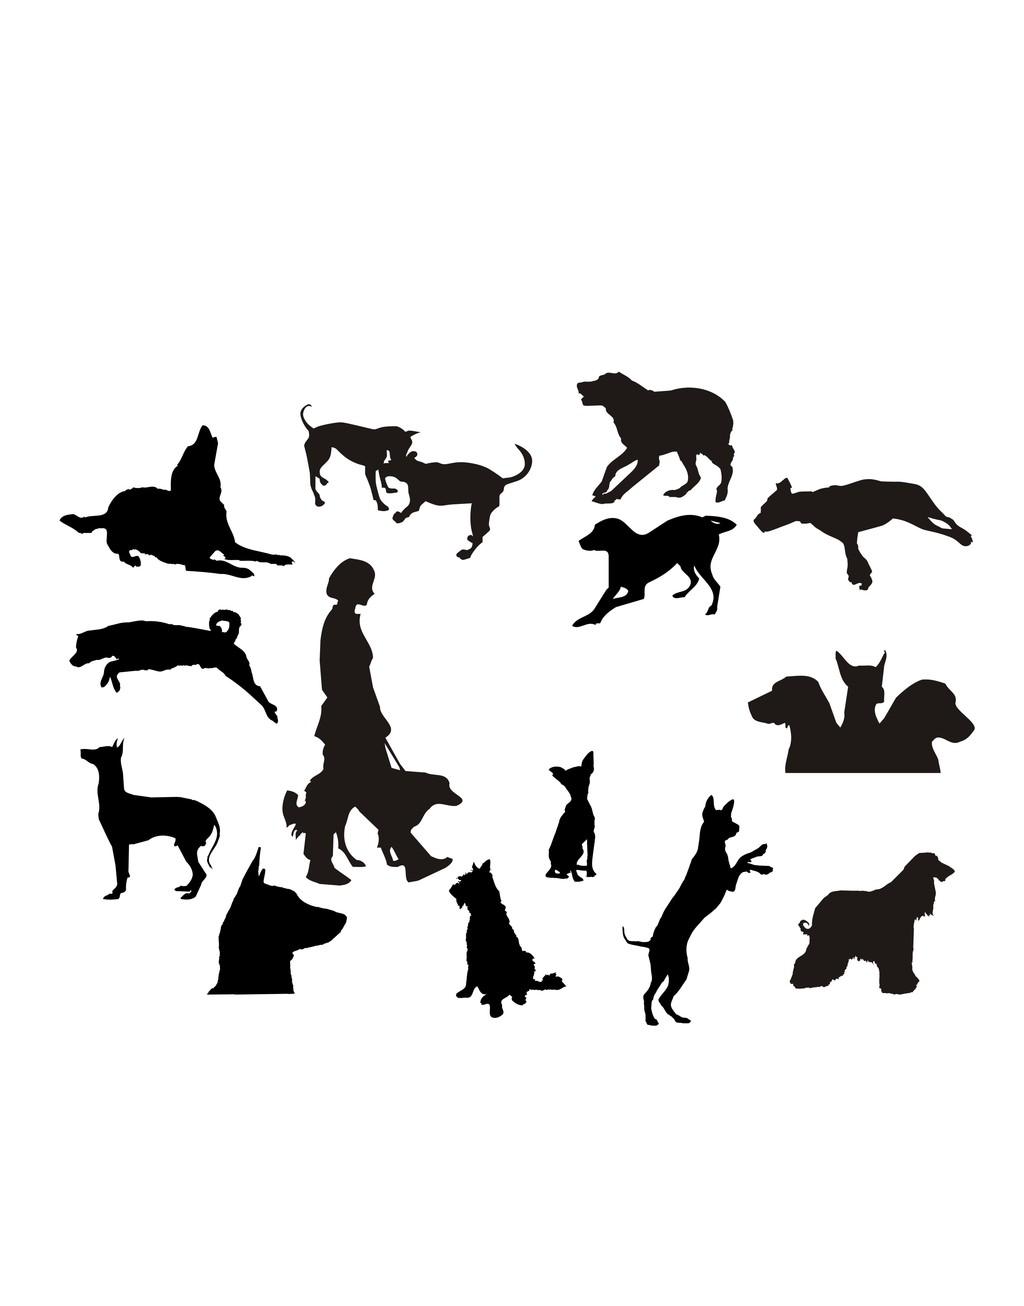 动物剪影人物剪影简笔插画狗图片设计素材_高清其他(0